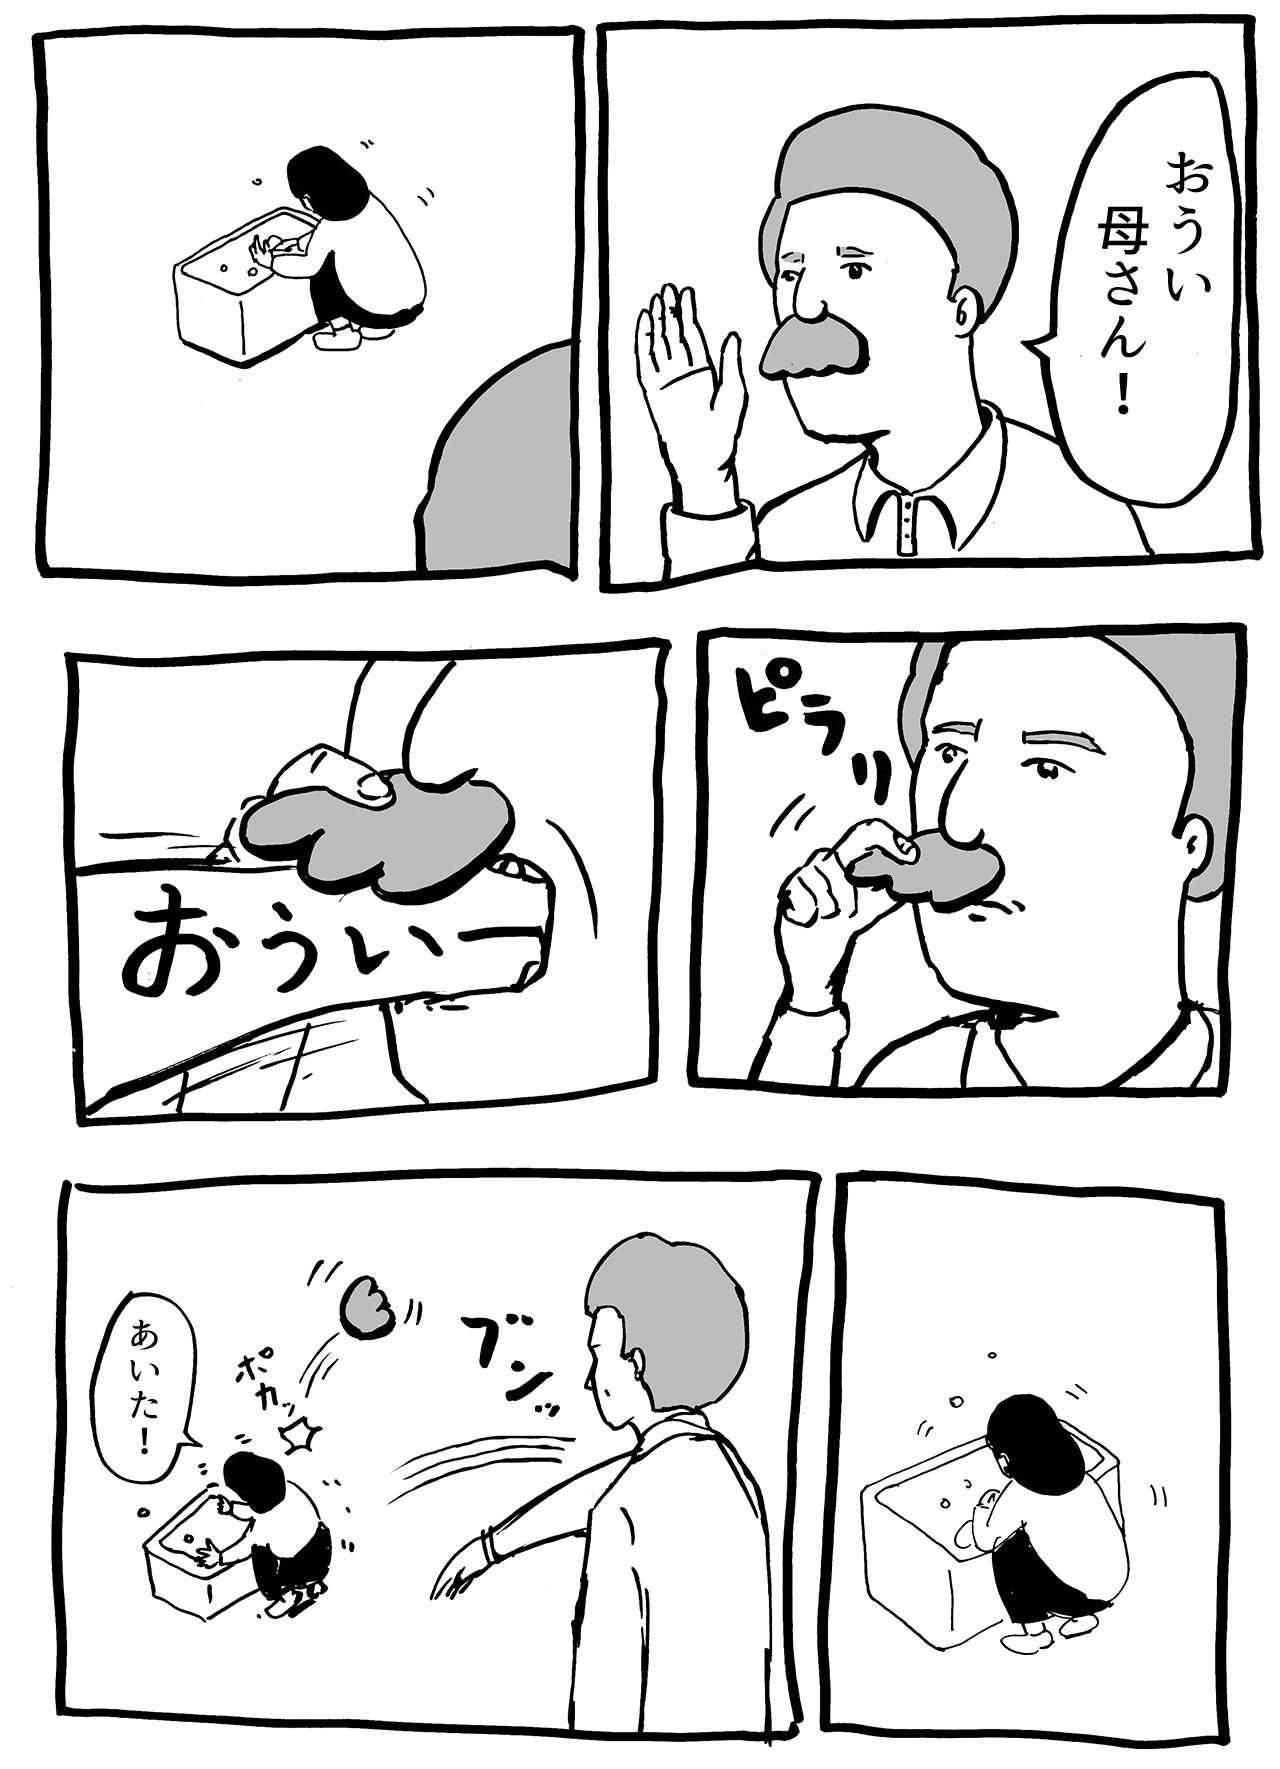 ひげについて